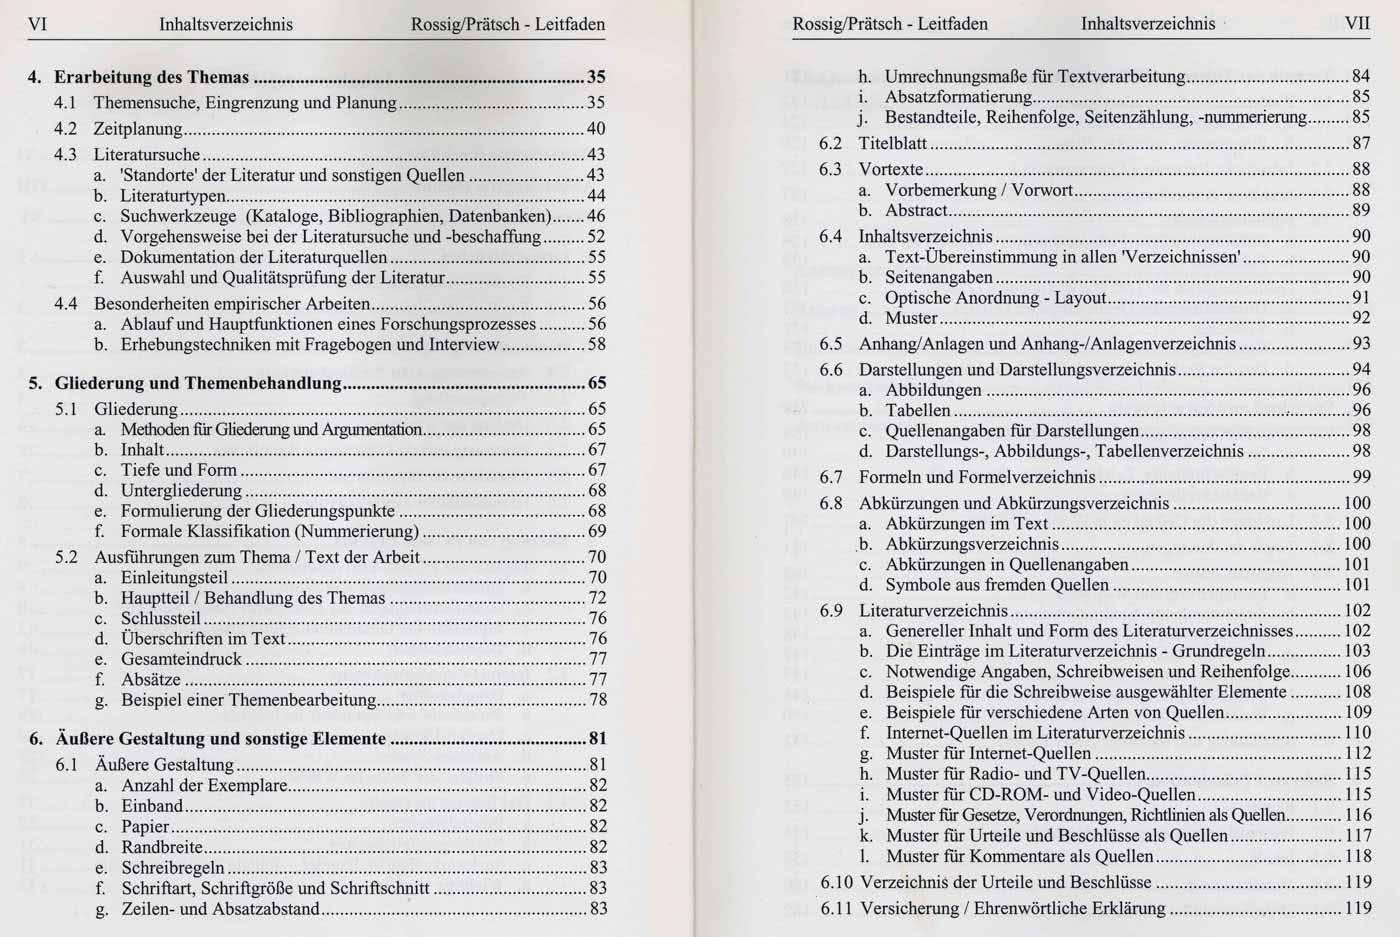 Inhaltsverzeichnis Vorlagen Für Die Bachelorarbeit